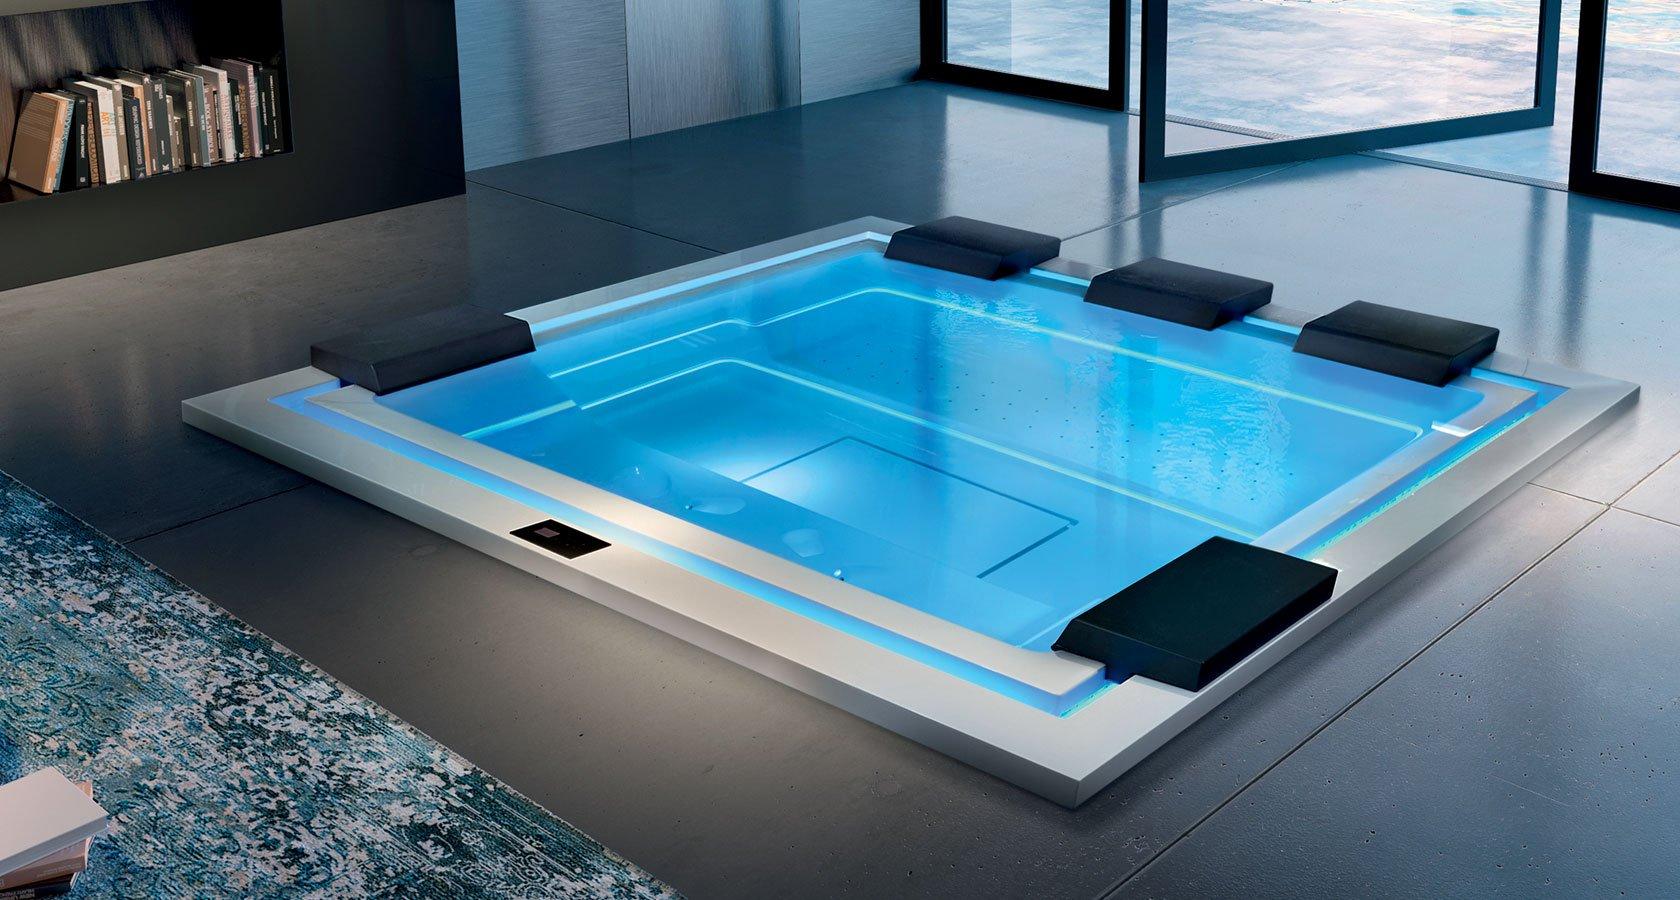 Vasche a incasso o free standing isole di benessere for Costo per costruire una casa piscina con bagno